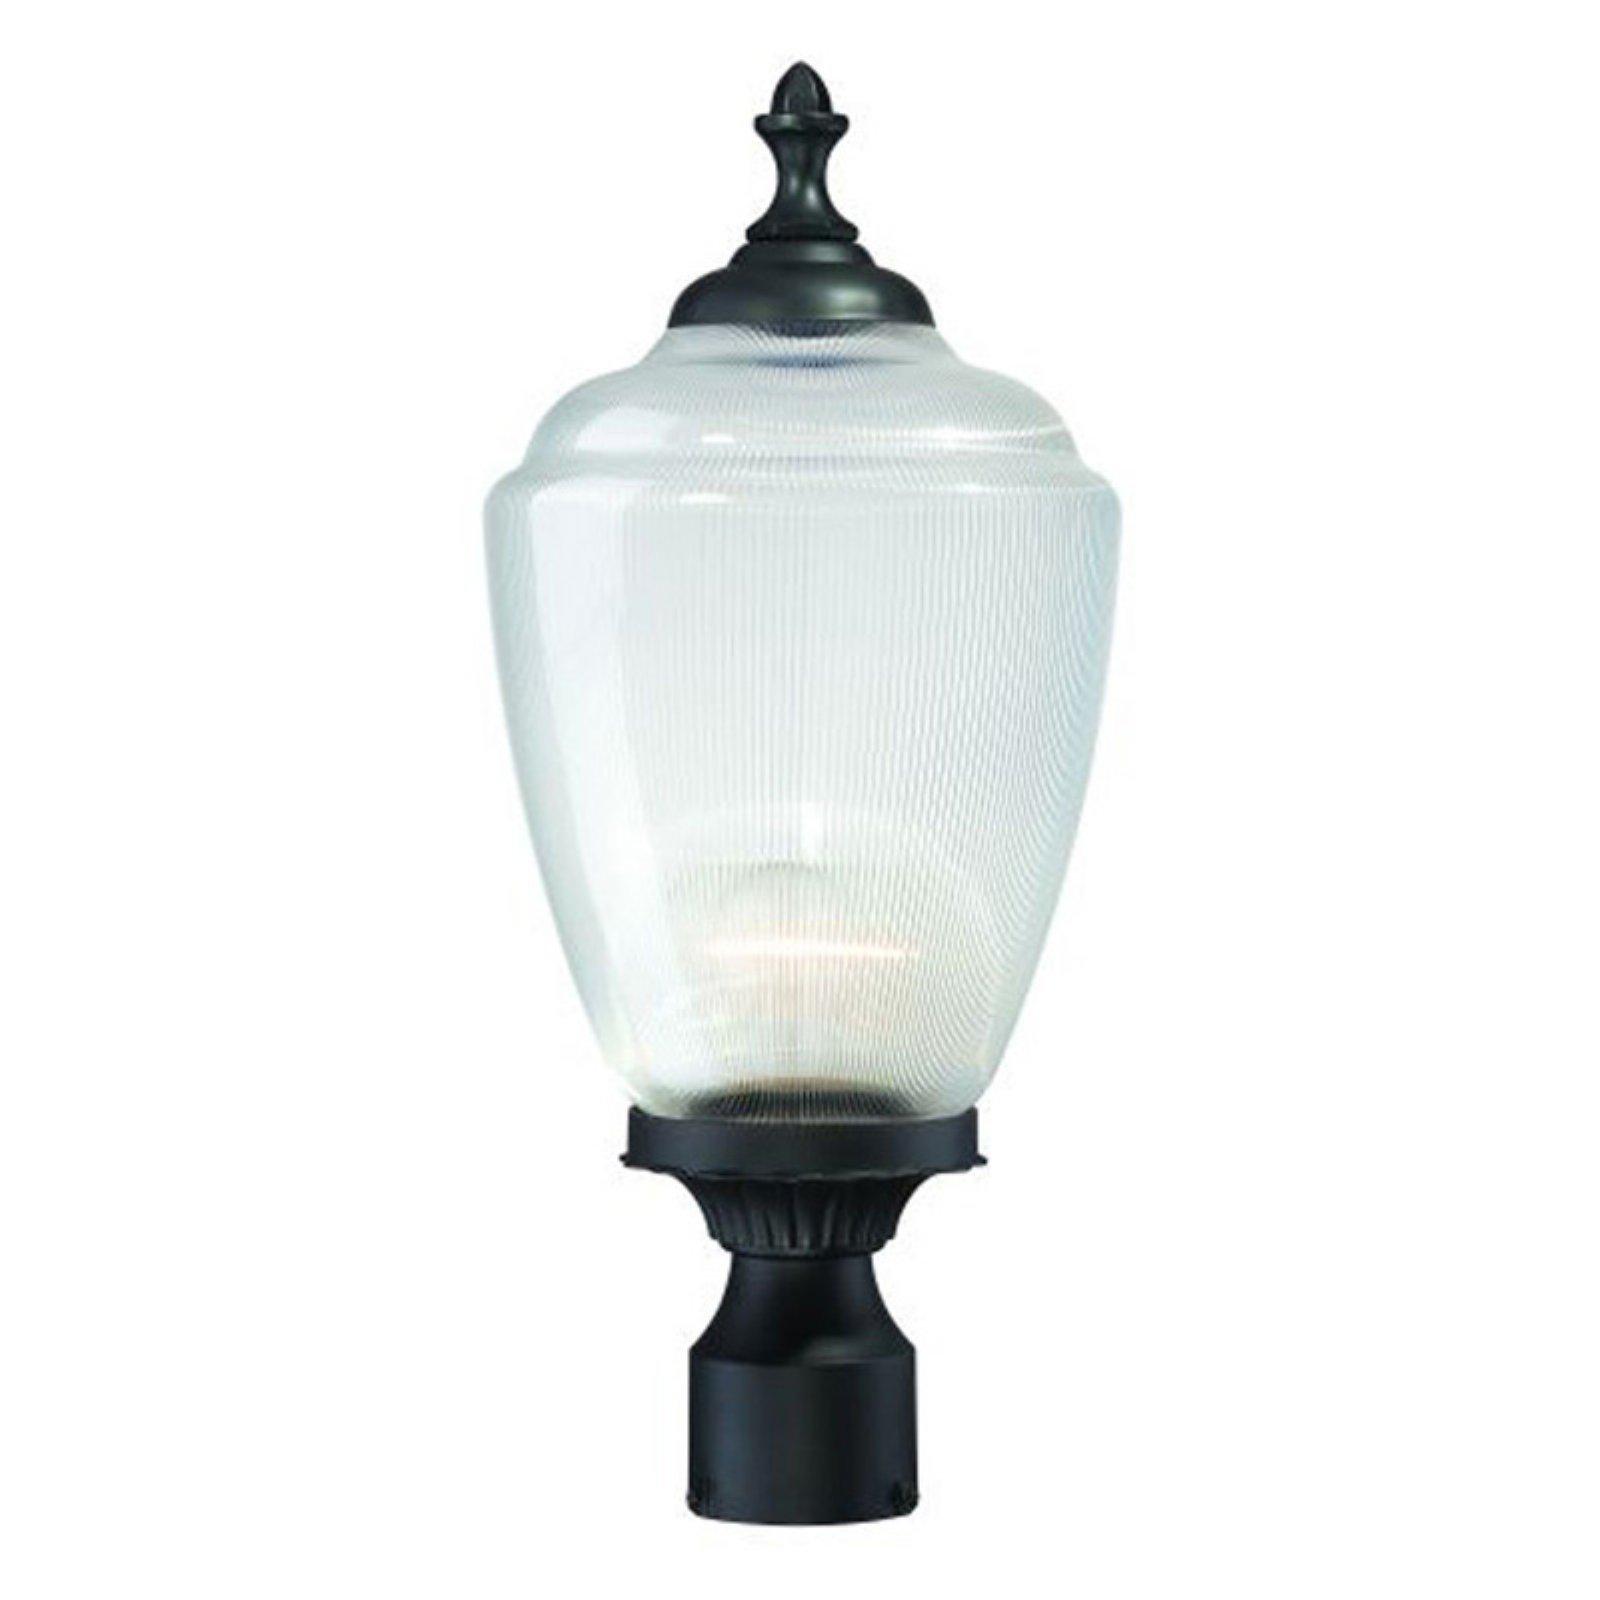 Acclaim Lighting Acorn Outdoor Post Mount Light Fixture